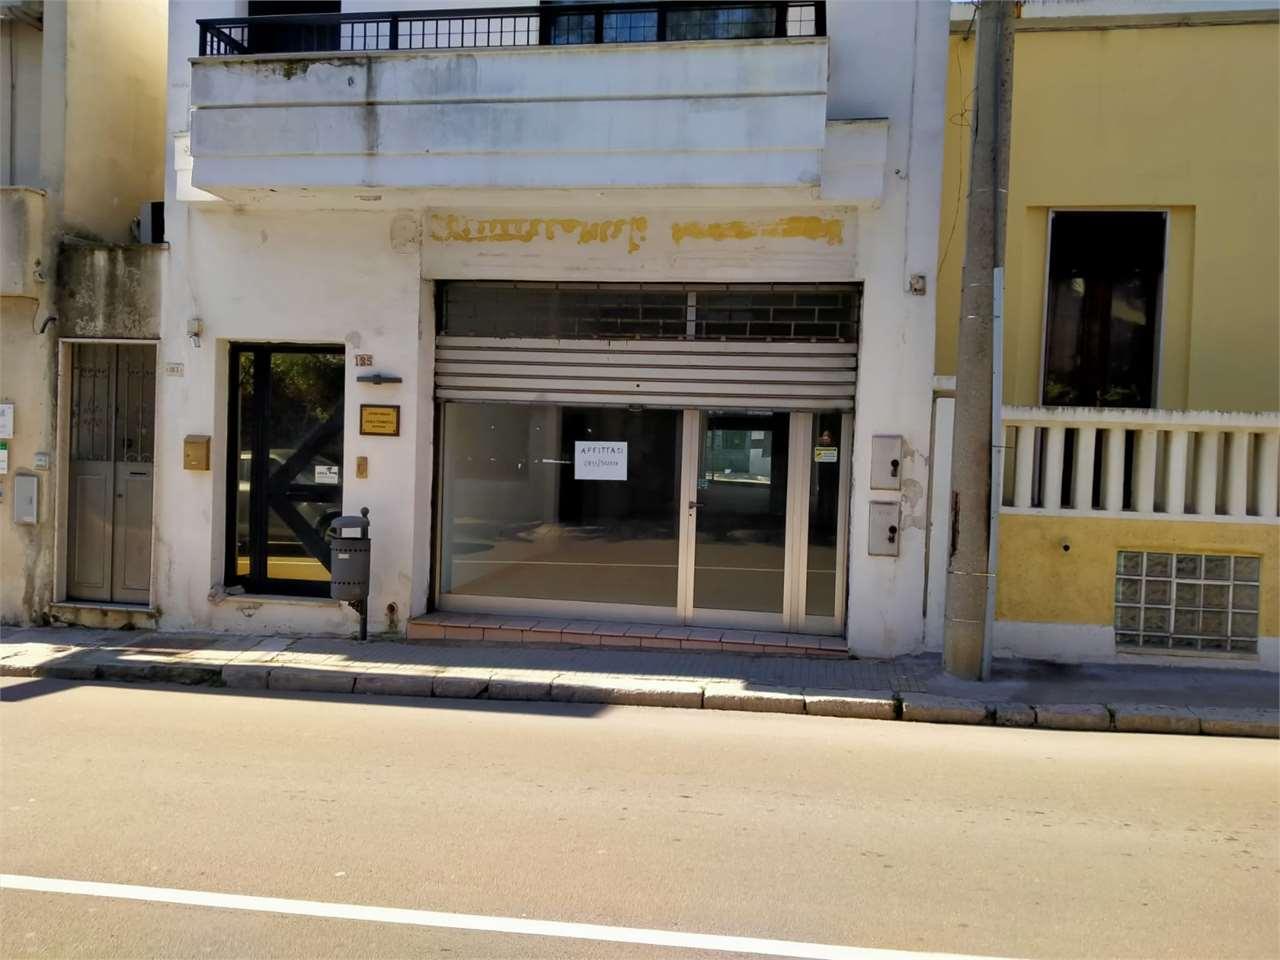 Ufficio / Studio in affitto a Casarano, 2 locali, prezzo € 500 | CambioCasa.it